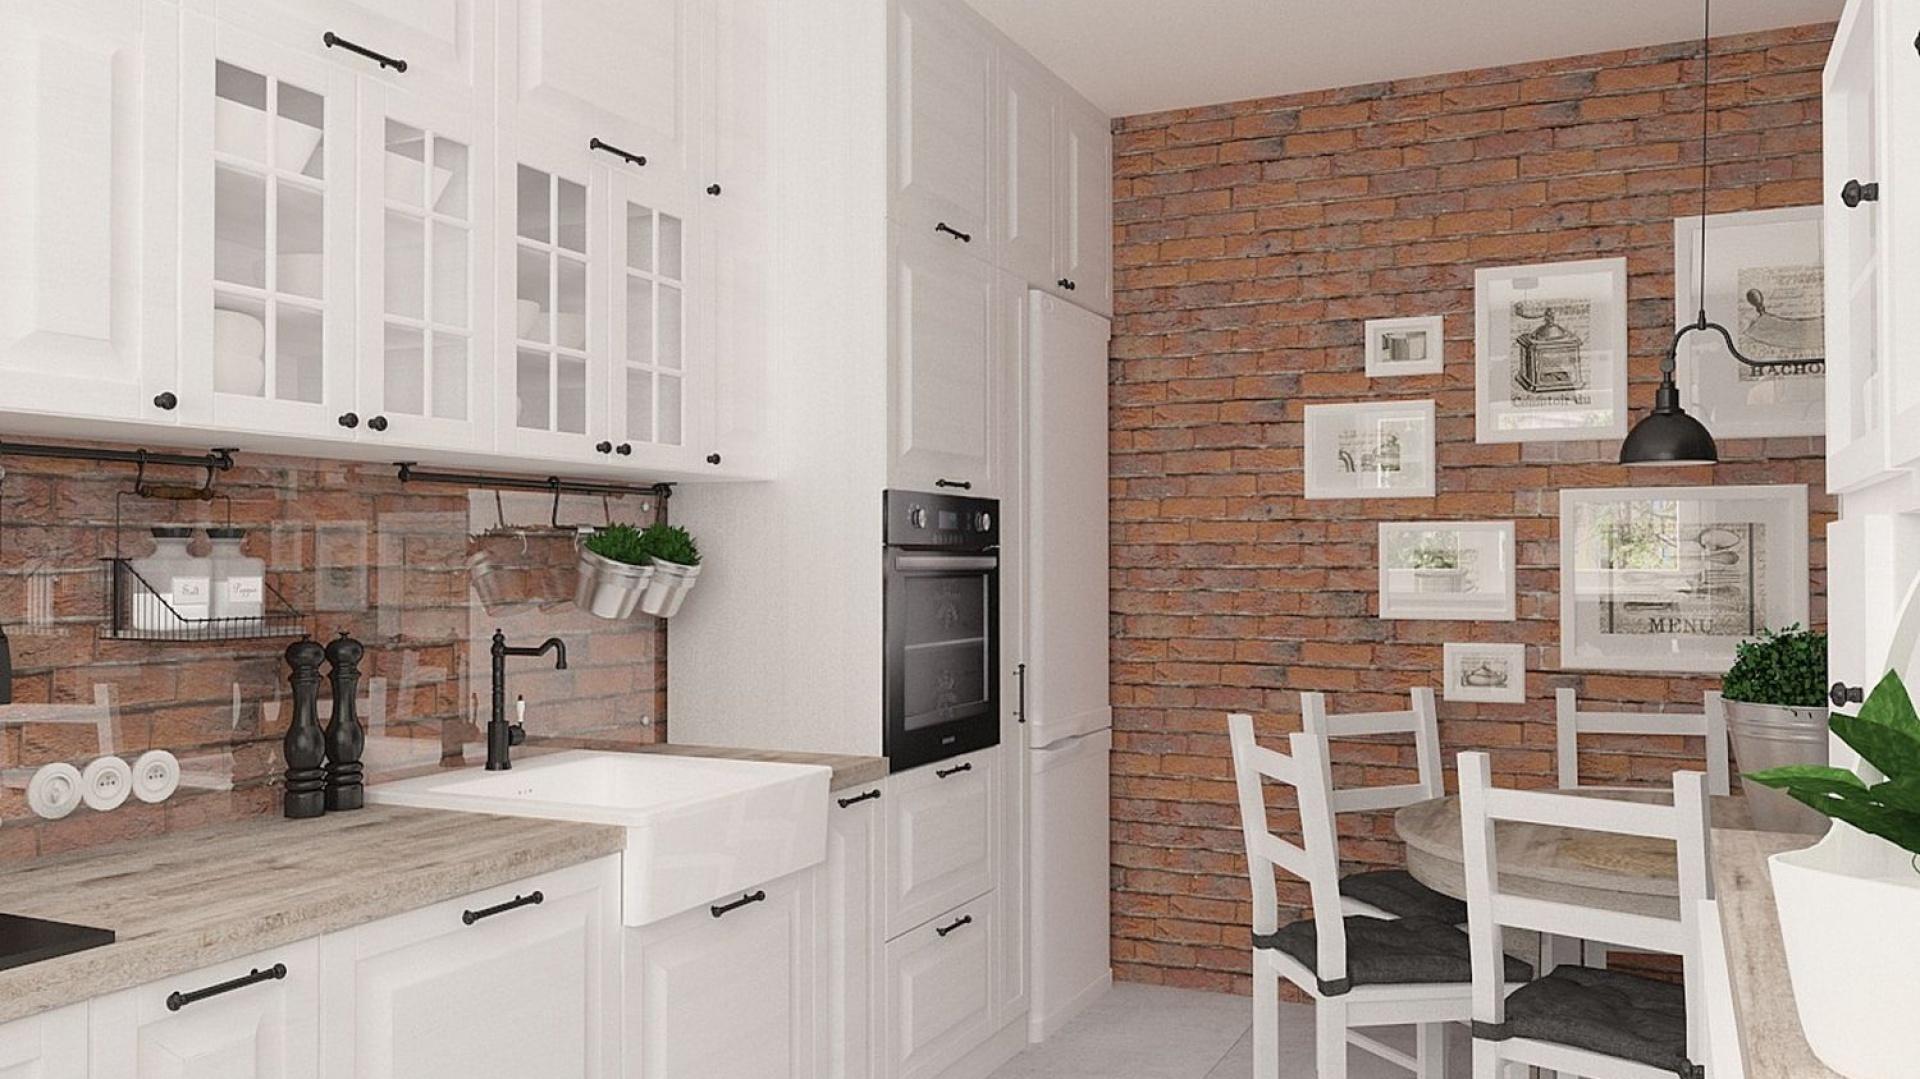 Biała, klasyczna zabudowa kuchenna zestawiona została z gipsowymi płytkami ściennymi, imitującymi naturalną cegłę w ciepłym czerwonym kolorze. Całość prezentuje się bardzo domowo i przytulnie. Projekt: Dorota Sobieraj. Fot. BJM Bricks.